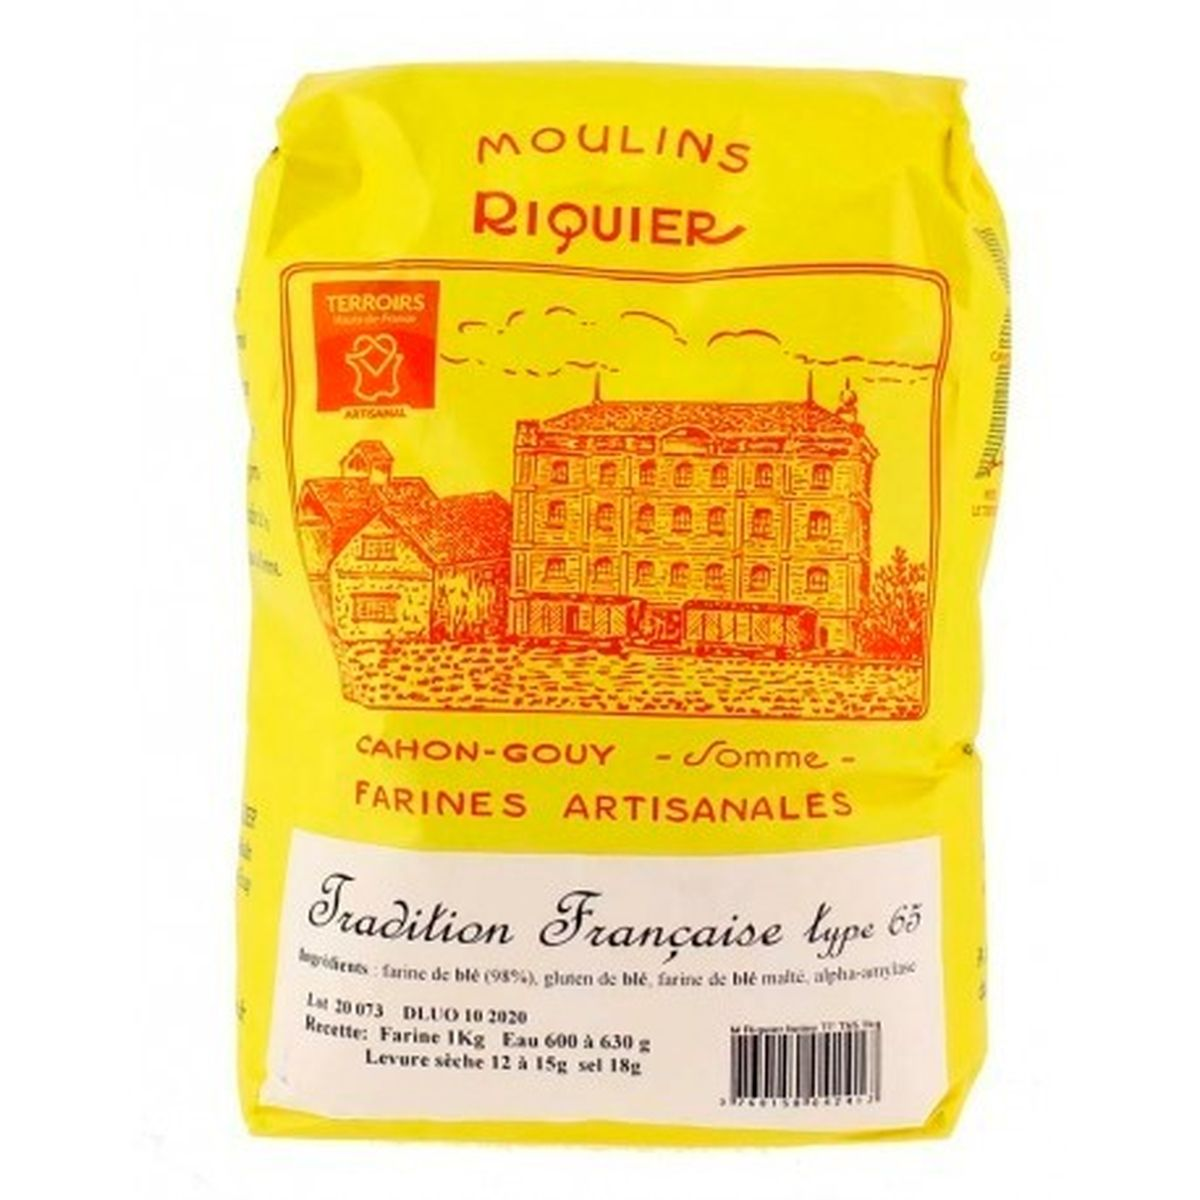 Farine tradition française type 65 1 kg - Moulins Riquier